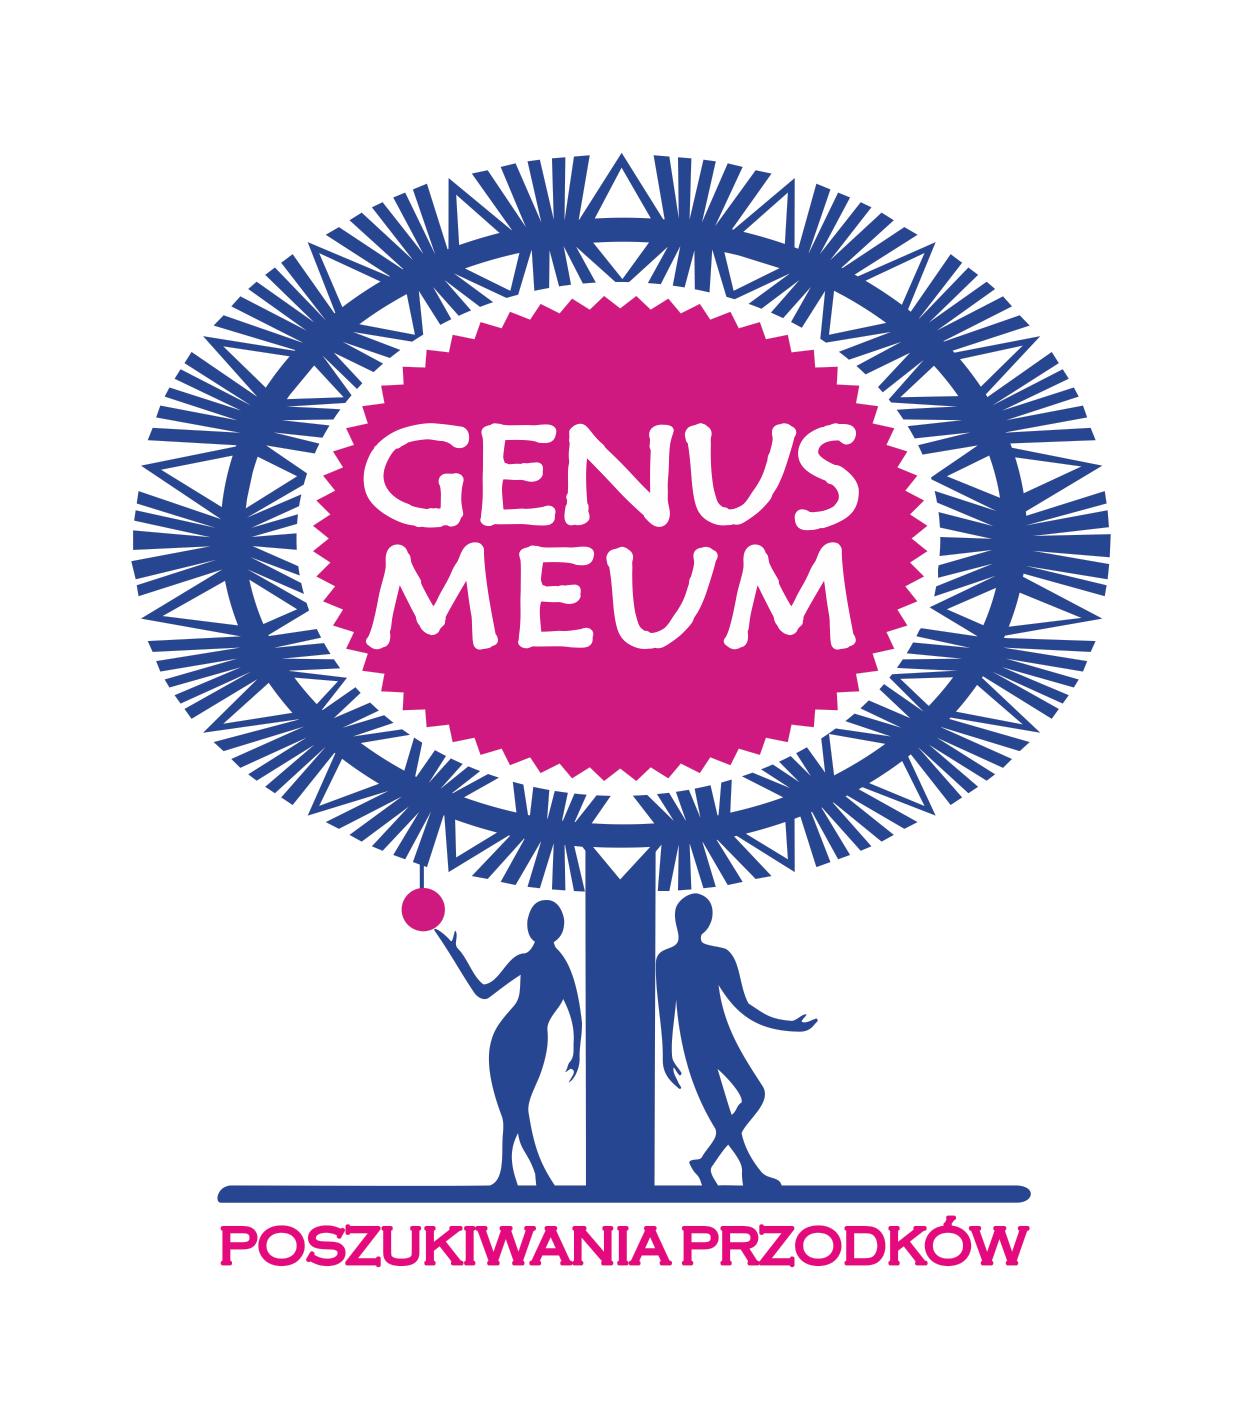 logo GenusMeum